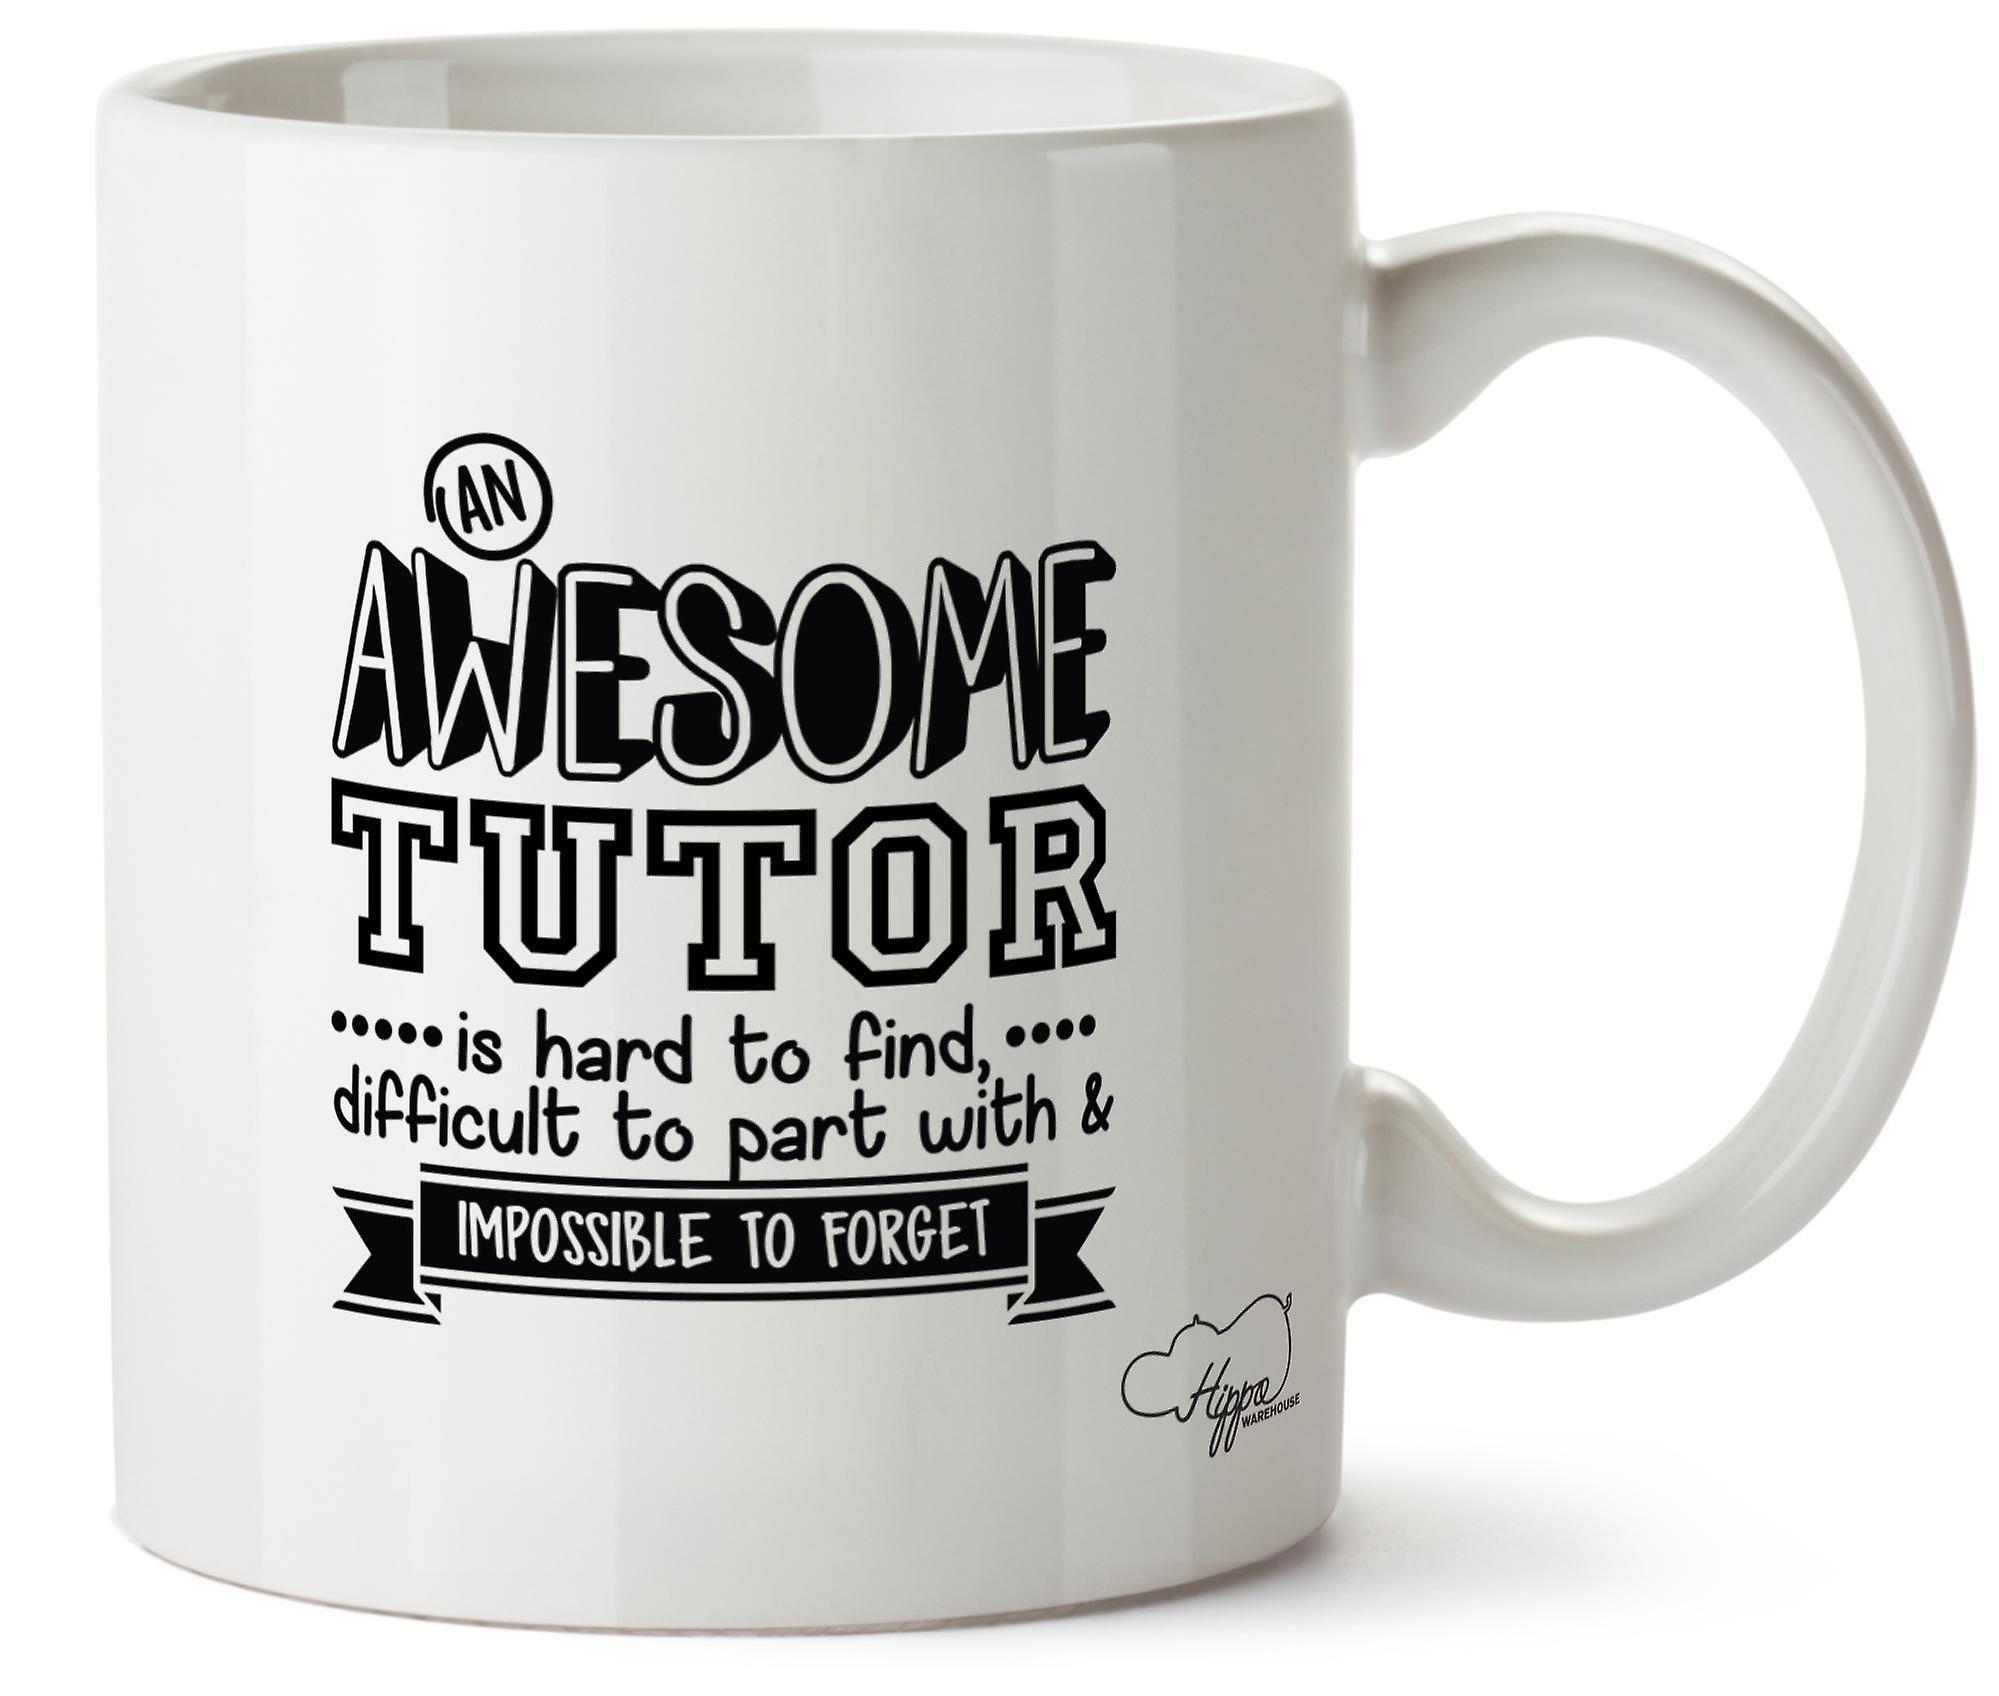 Hippowarehouse удивительный наставник трудно найти, трудно часть с & невозможно забыть печатных кружка Кубок керамические 10oz